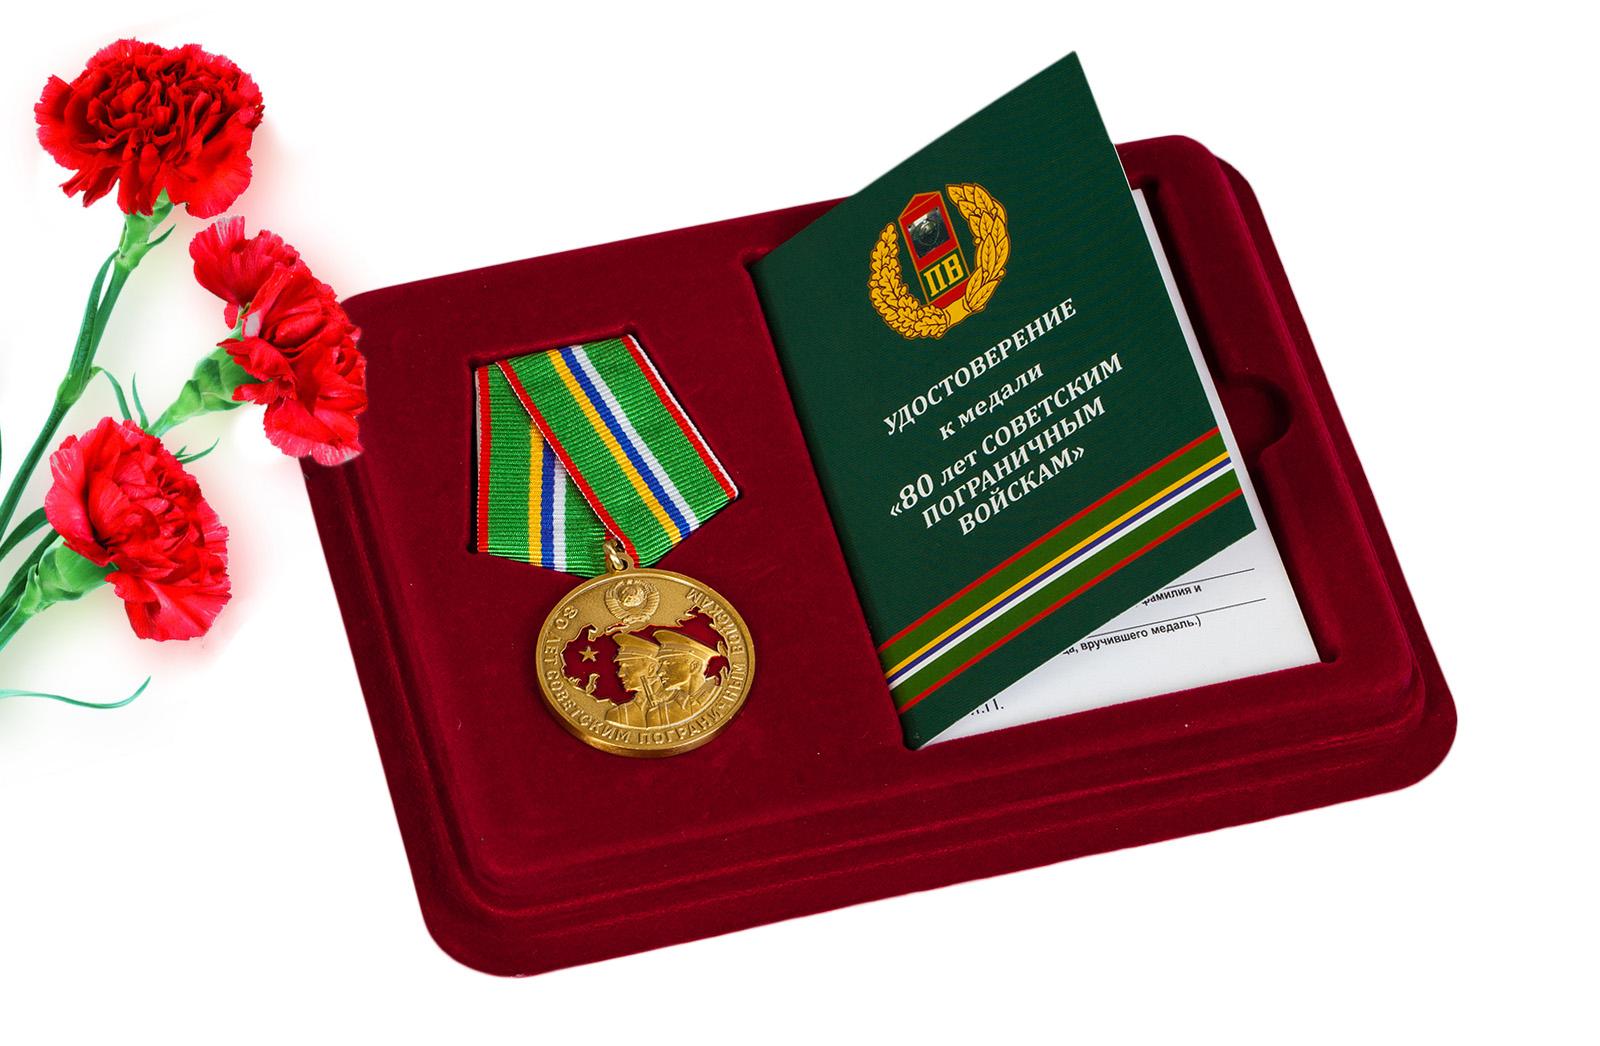 Купить памятную медаль 80 лет Пограничным войскам в подарок мужчине